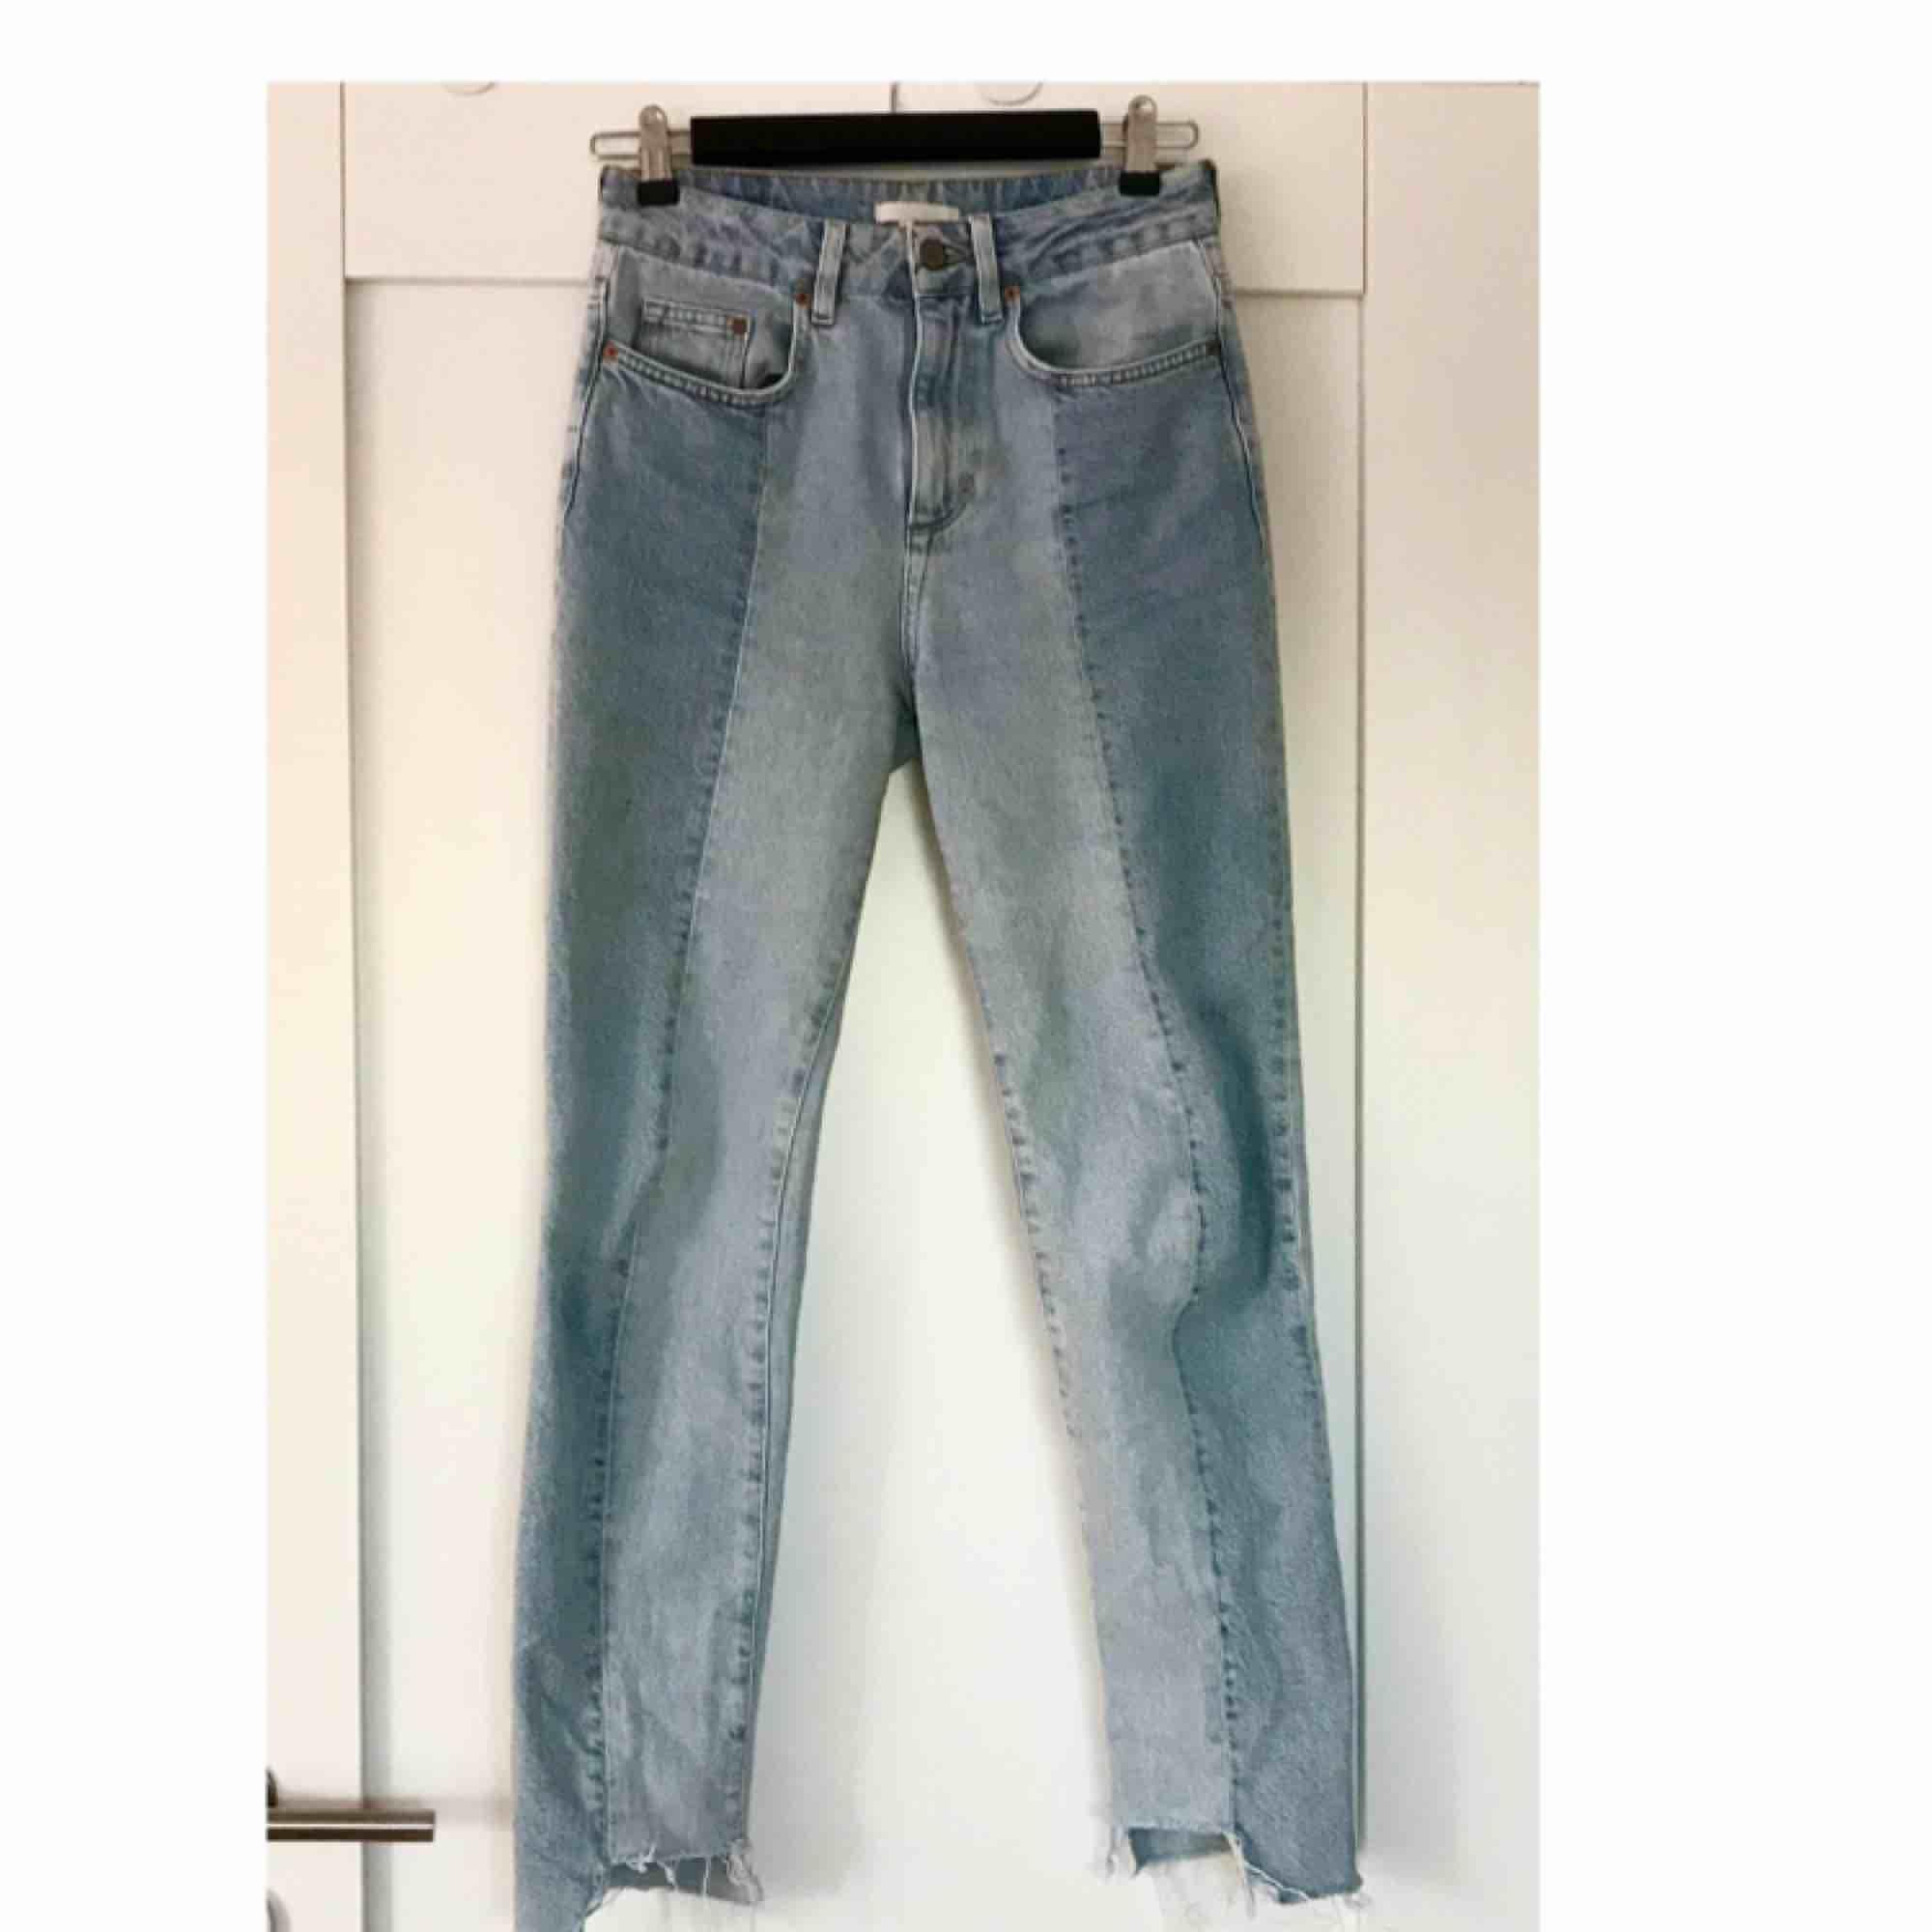 Typ de finaste jeansen jag har, ljusblåa med en rand ned längs benet och ojämna benslut. Köpta på plick och har endast använts några gånger eftersom de är lite för små för mig. Lite stora i storleken dock. Säljer nu för samma pris jag köpte dem.. Jeans & Byxor.